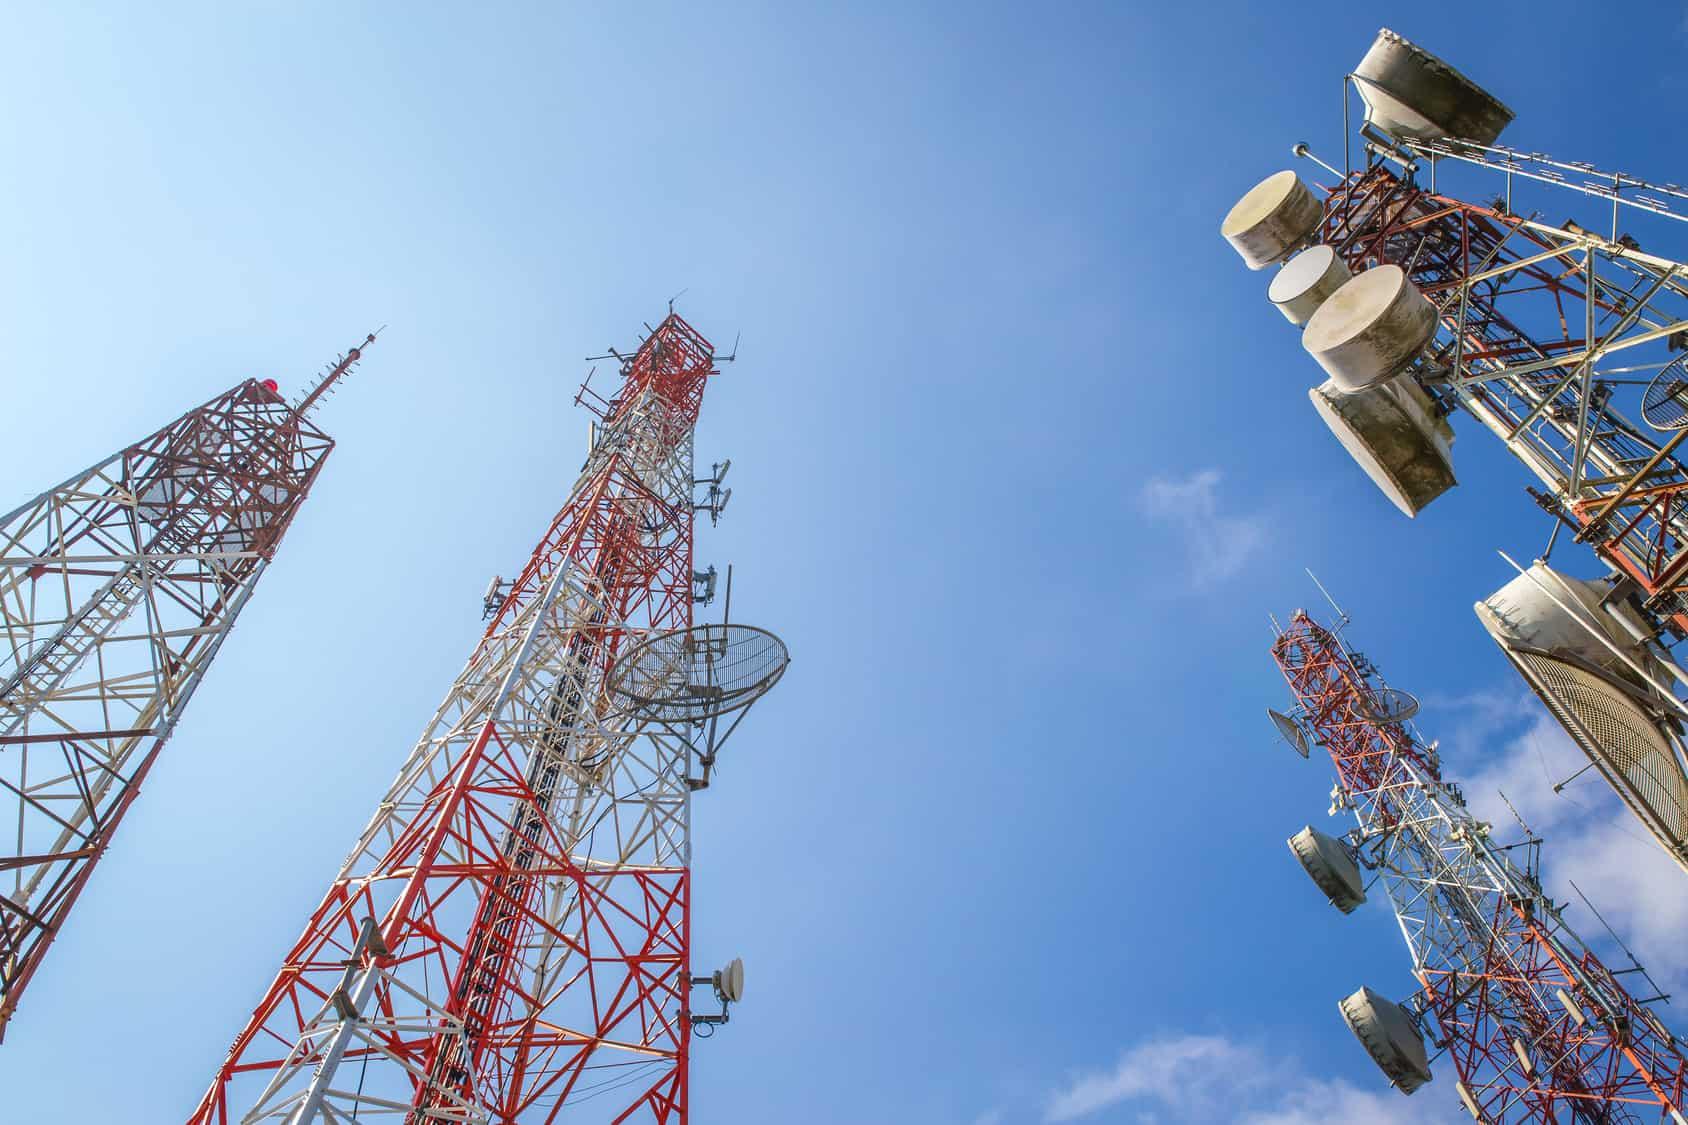 Vista de algunas antenas del Instituto Federal de Telecomunicaciones